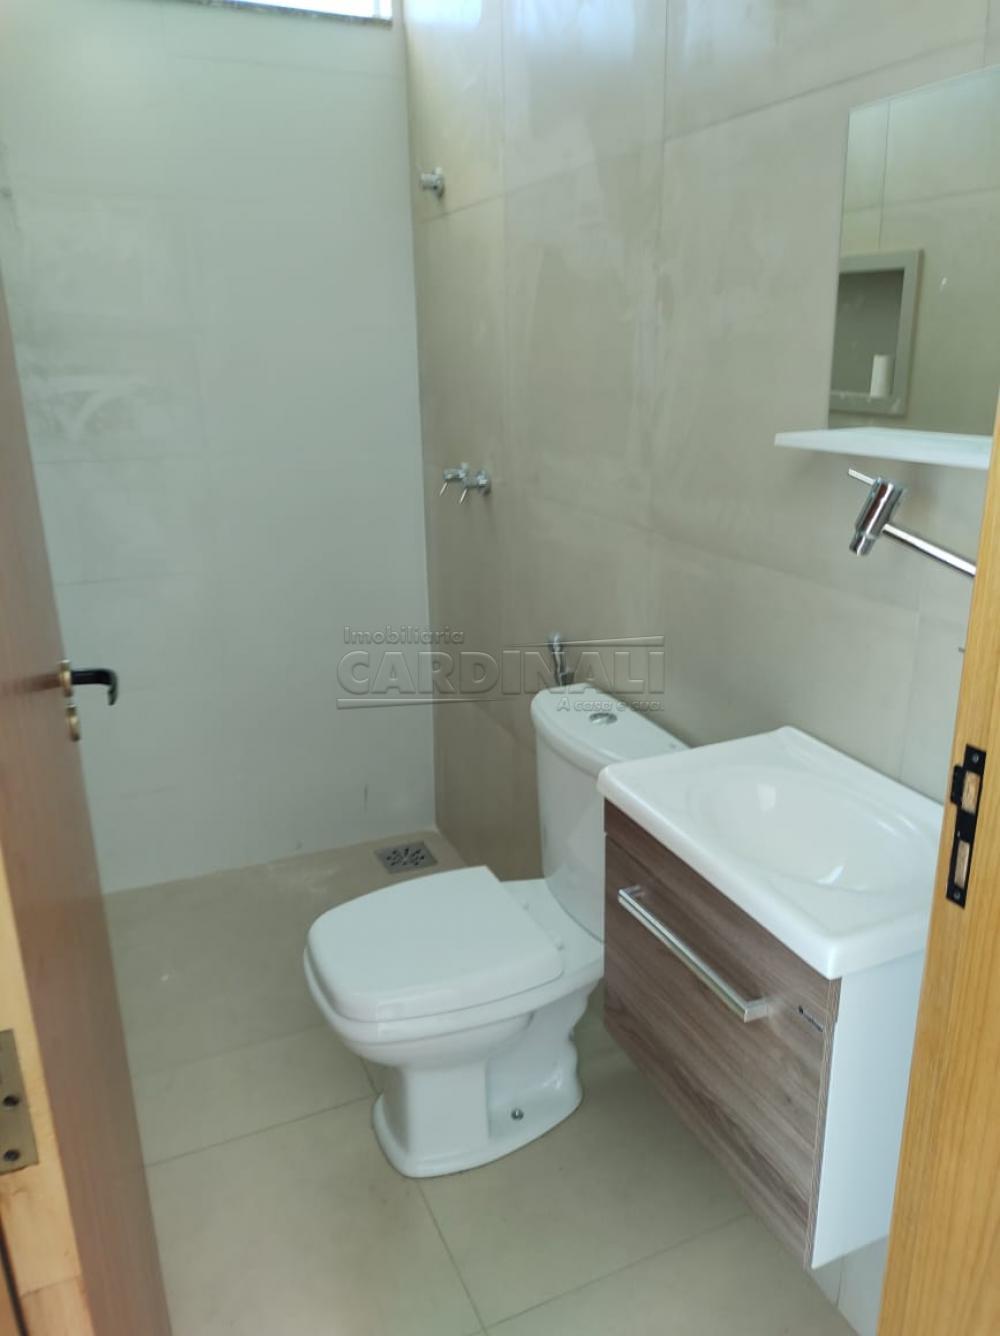 Comprar Casa / Condomínio em Araraquara R$ 480.000,00 - Foto 25